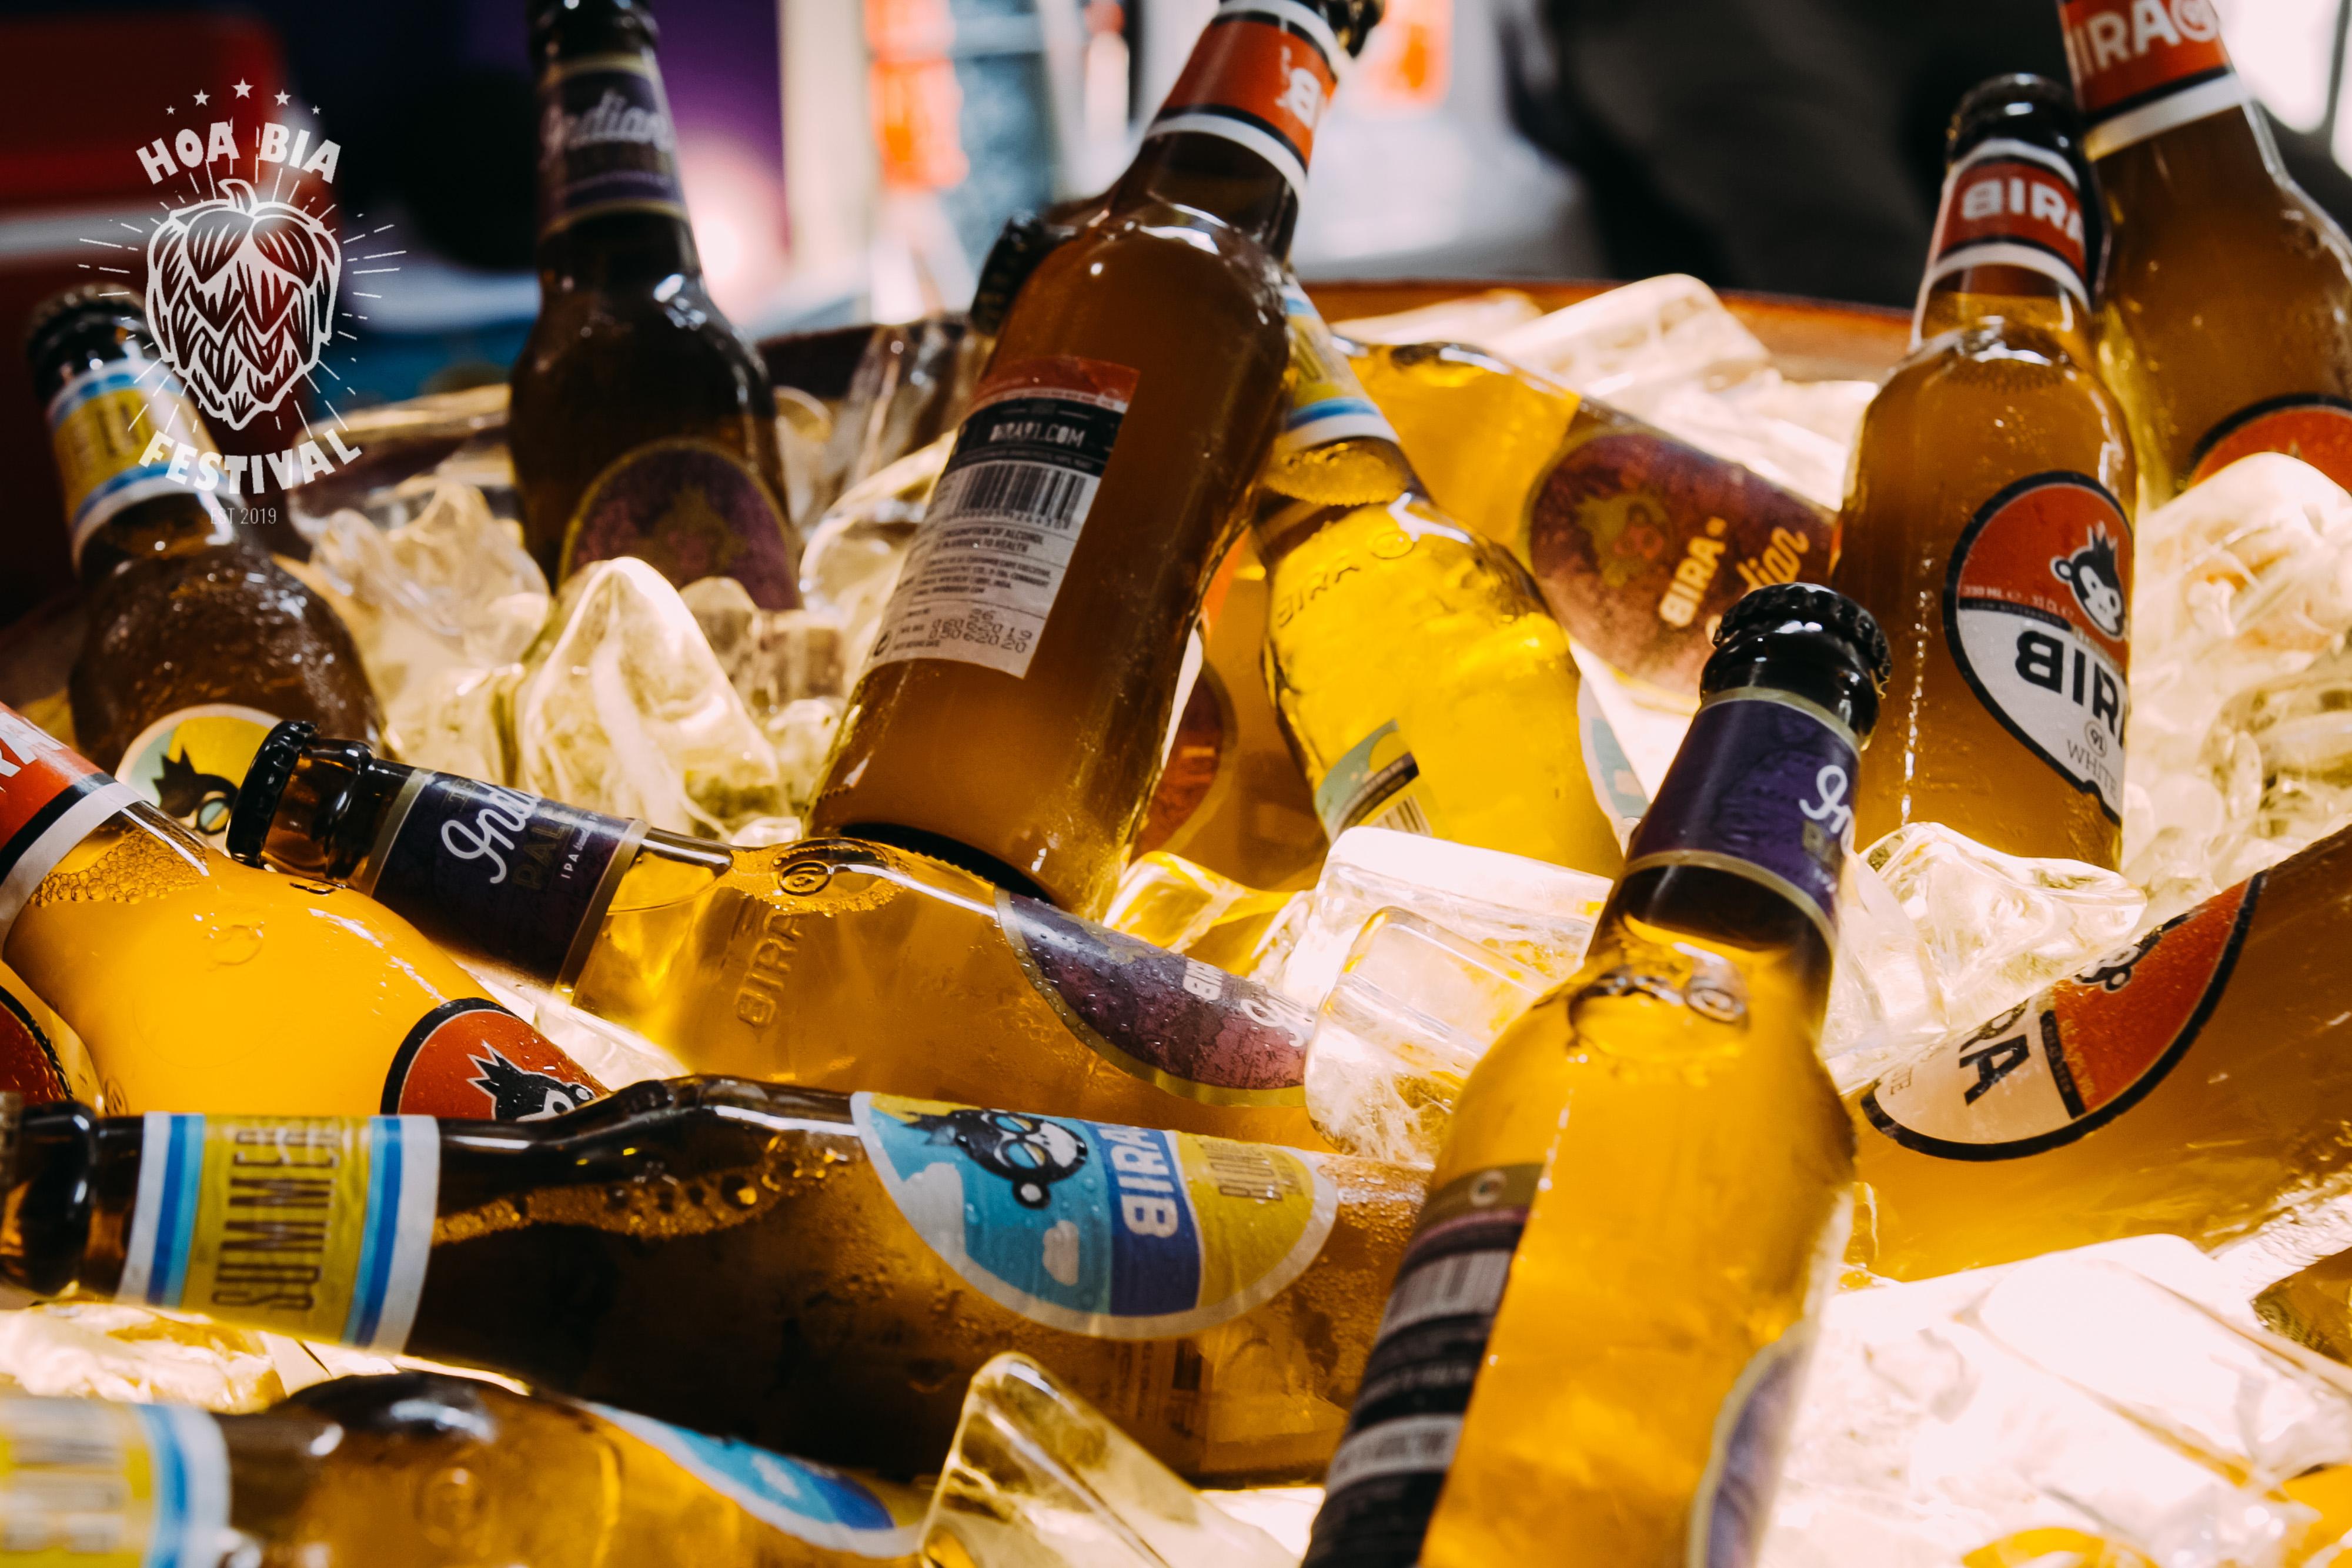 beer thủ công đóng chai - lễ hội hoa bia thủ công